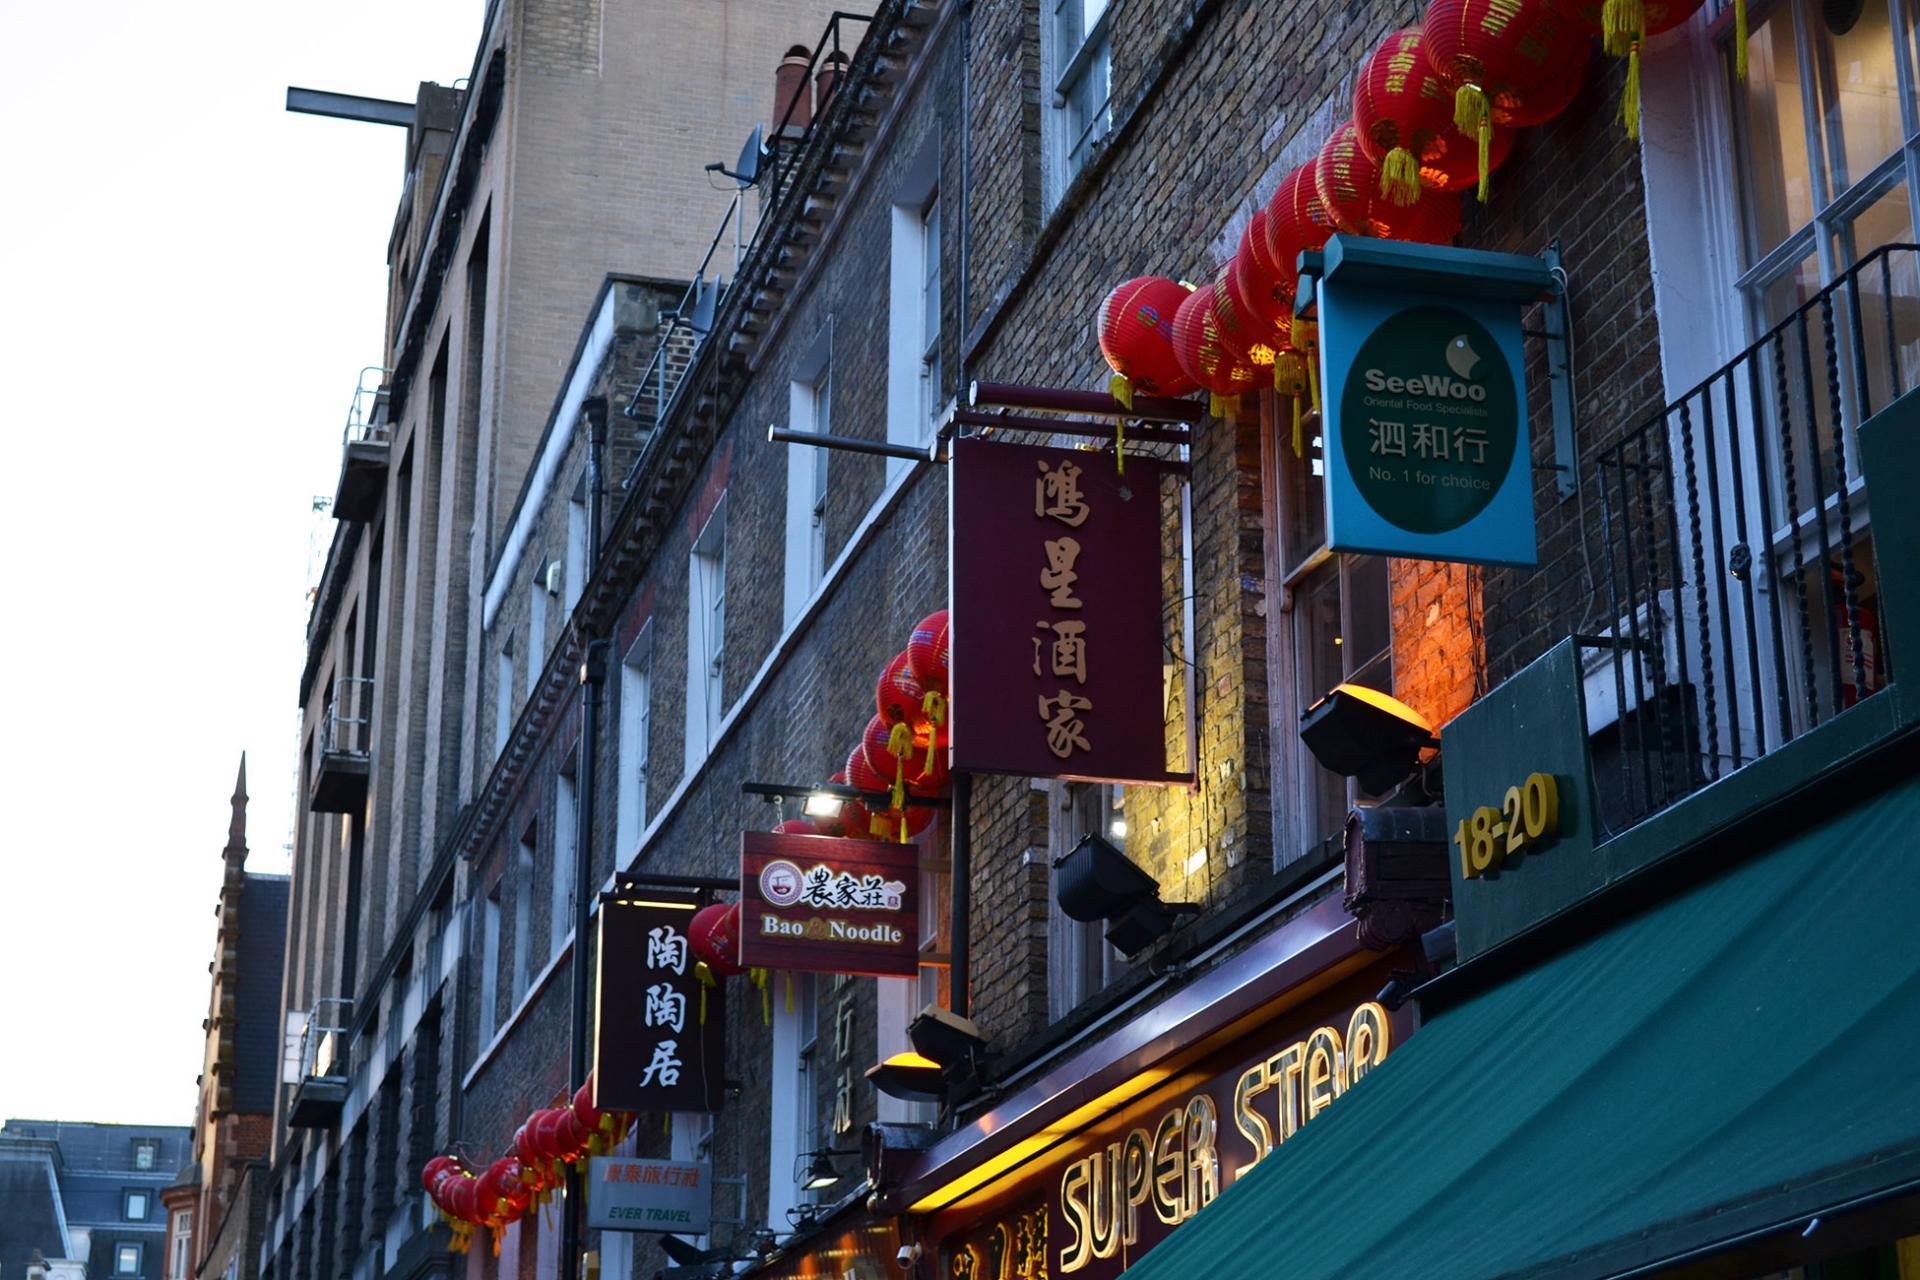 Supermercado SeeWoo Chinatown en Londres